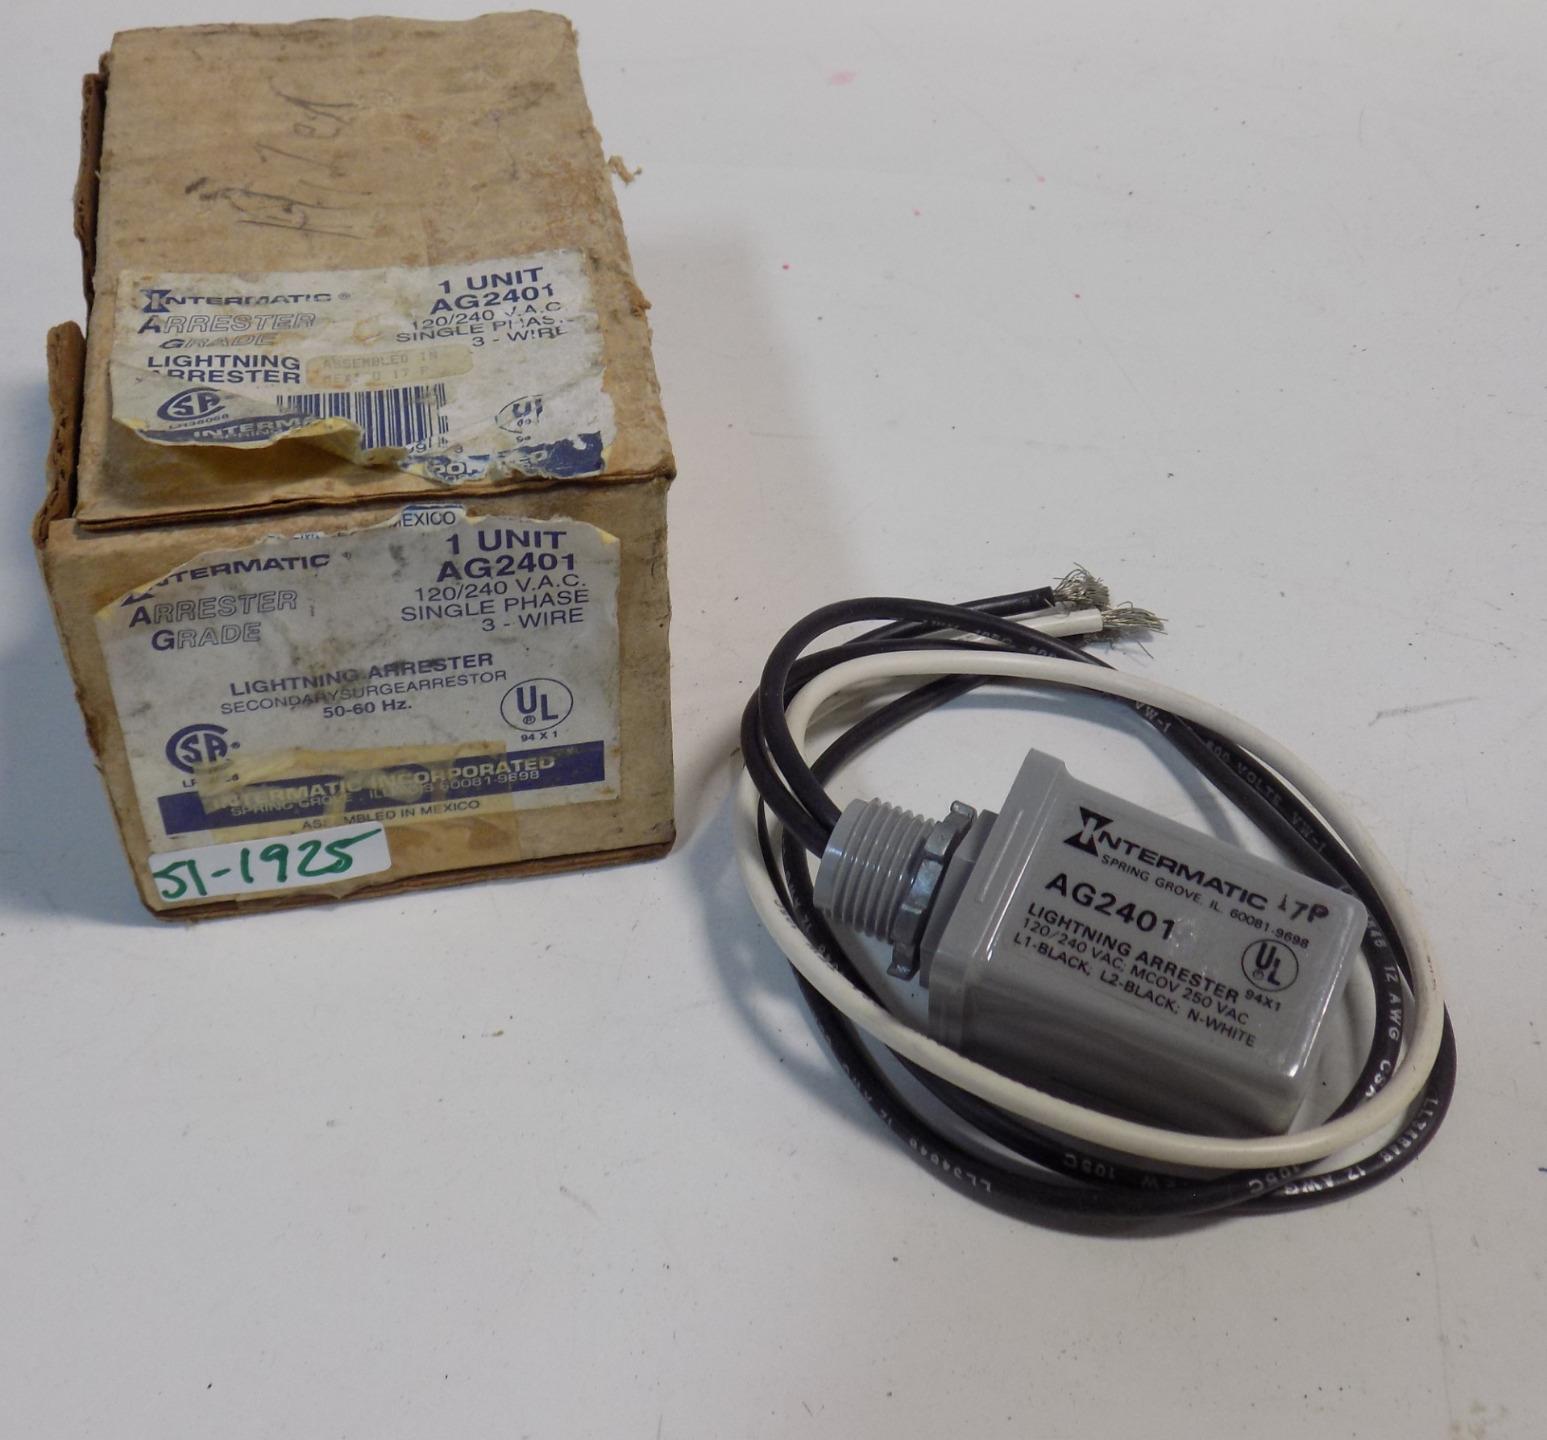 hight resolution of intermatic 120 240vac 1ph 3 wire lightning arrester ag2401 nib